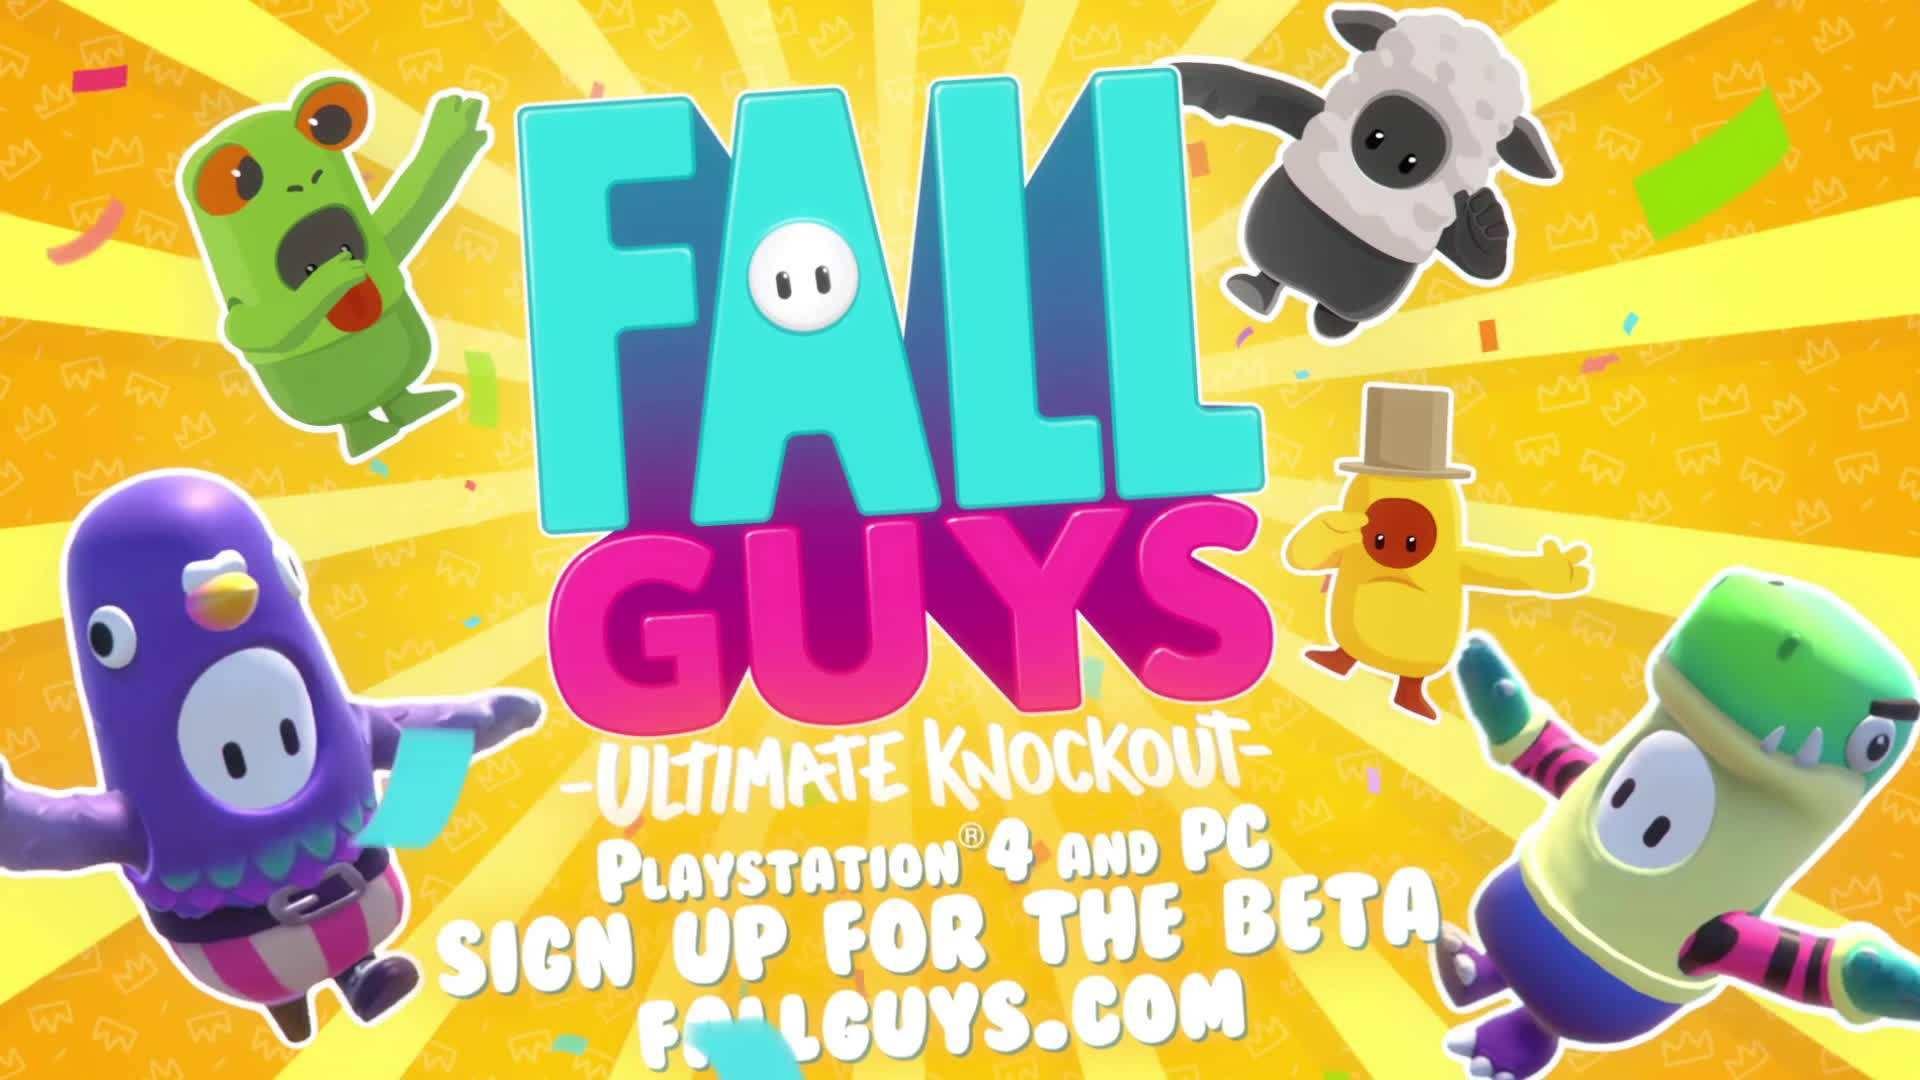 PS4版《糖豆人》没有控制器选项,以及反转Y轴